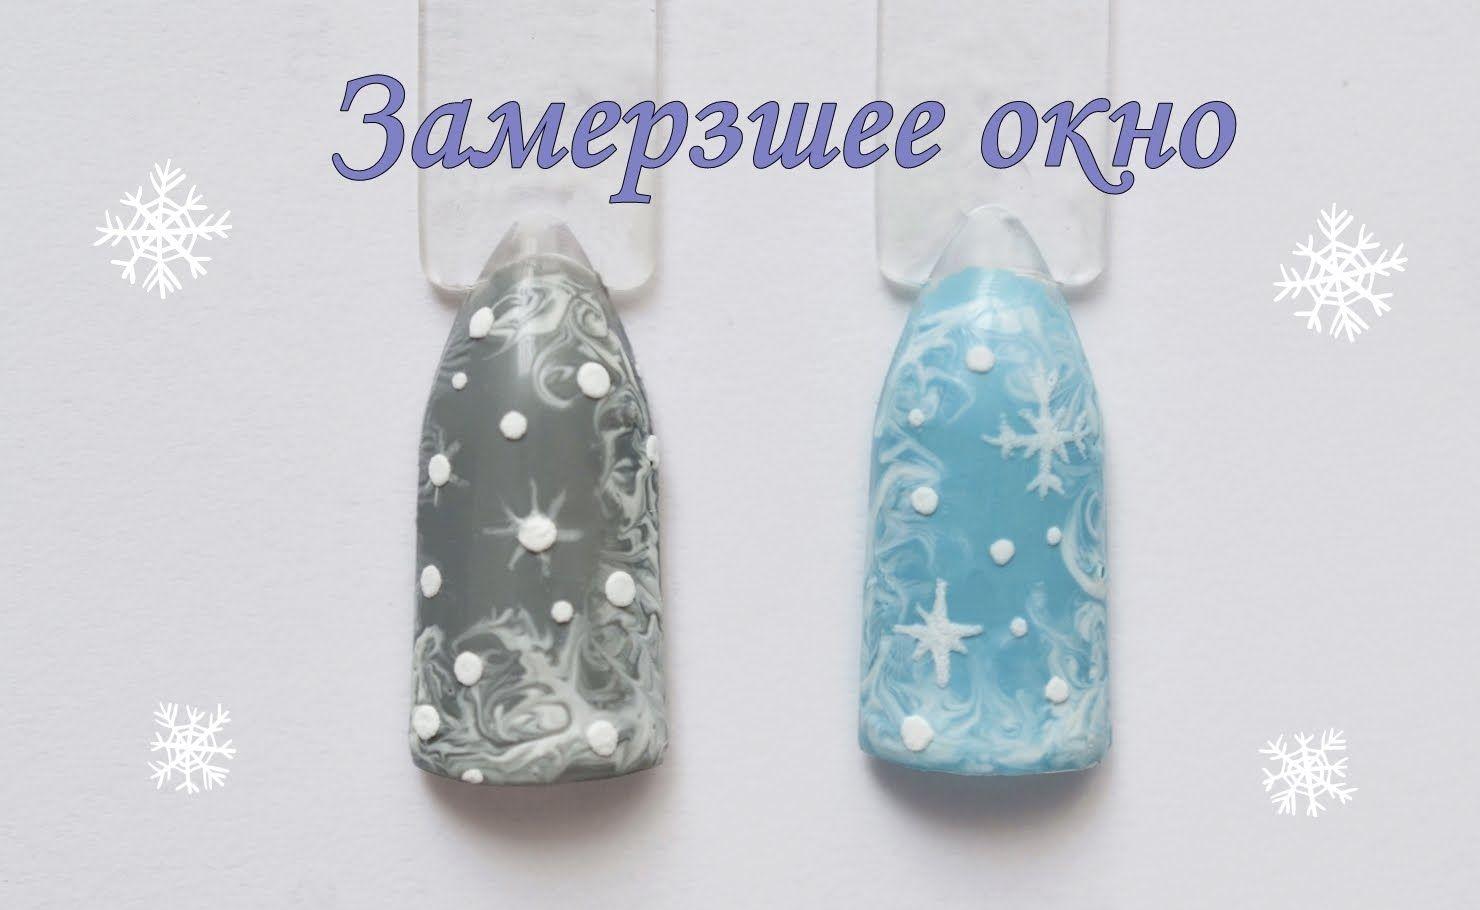 Дизайн ногтей гель-лаком. Замерзшее окно. Морозные узоры ...